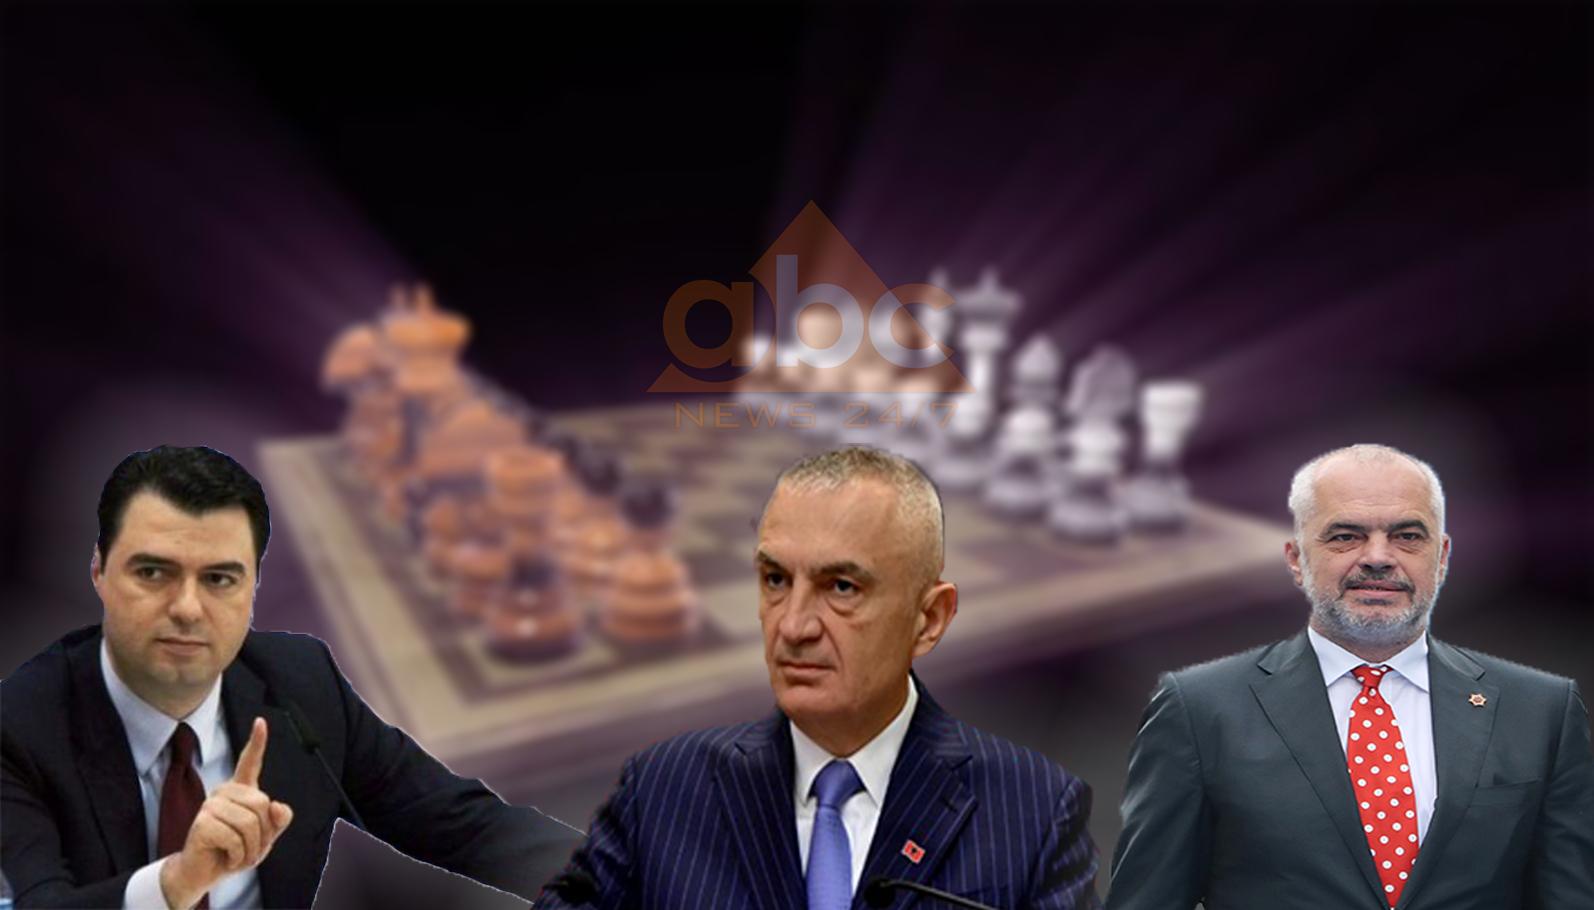 Sezoni i ri politik në shtator, ja sfidat e secilës palë përballë krizës 6-mujore